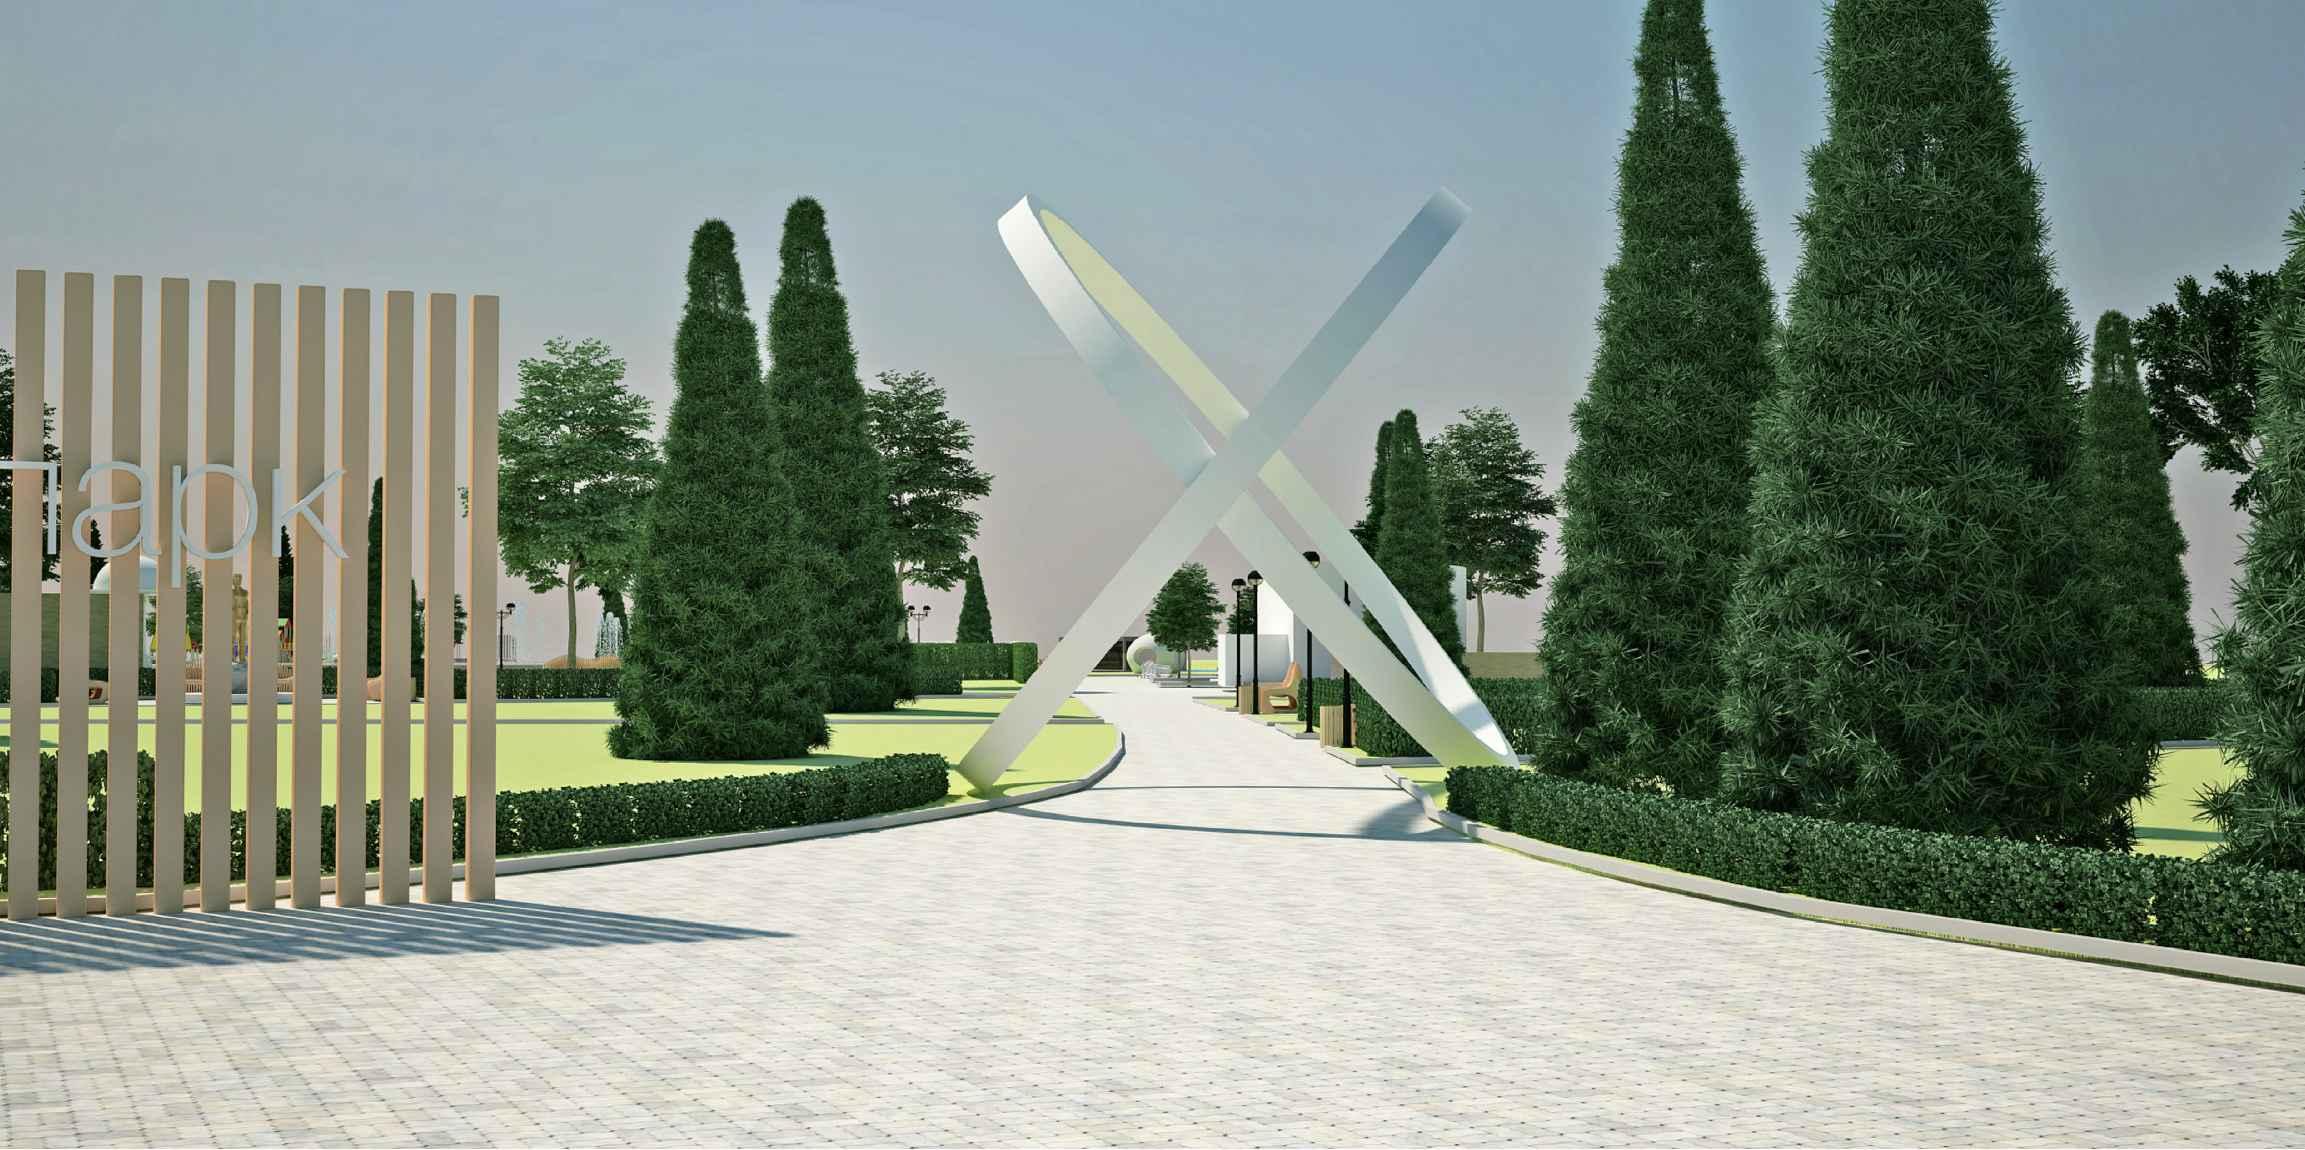 Итальянский сквер в Тольятти готов лишь на 15 %